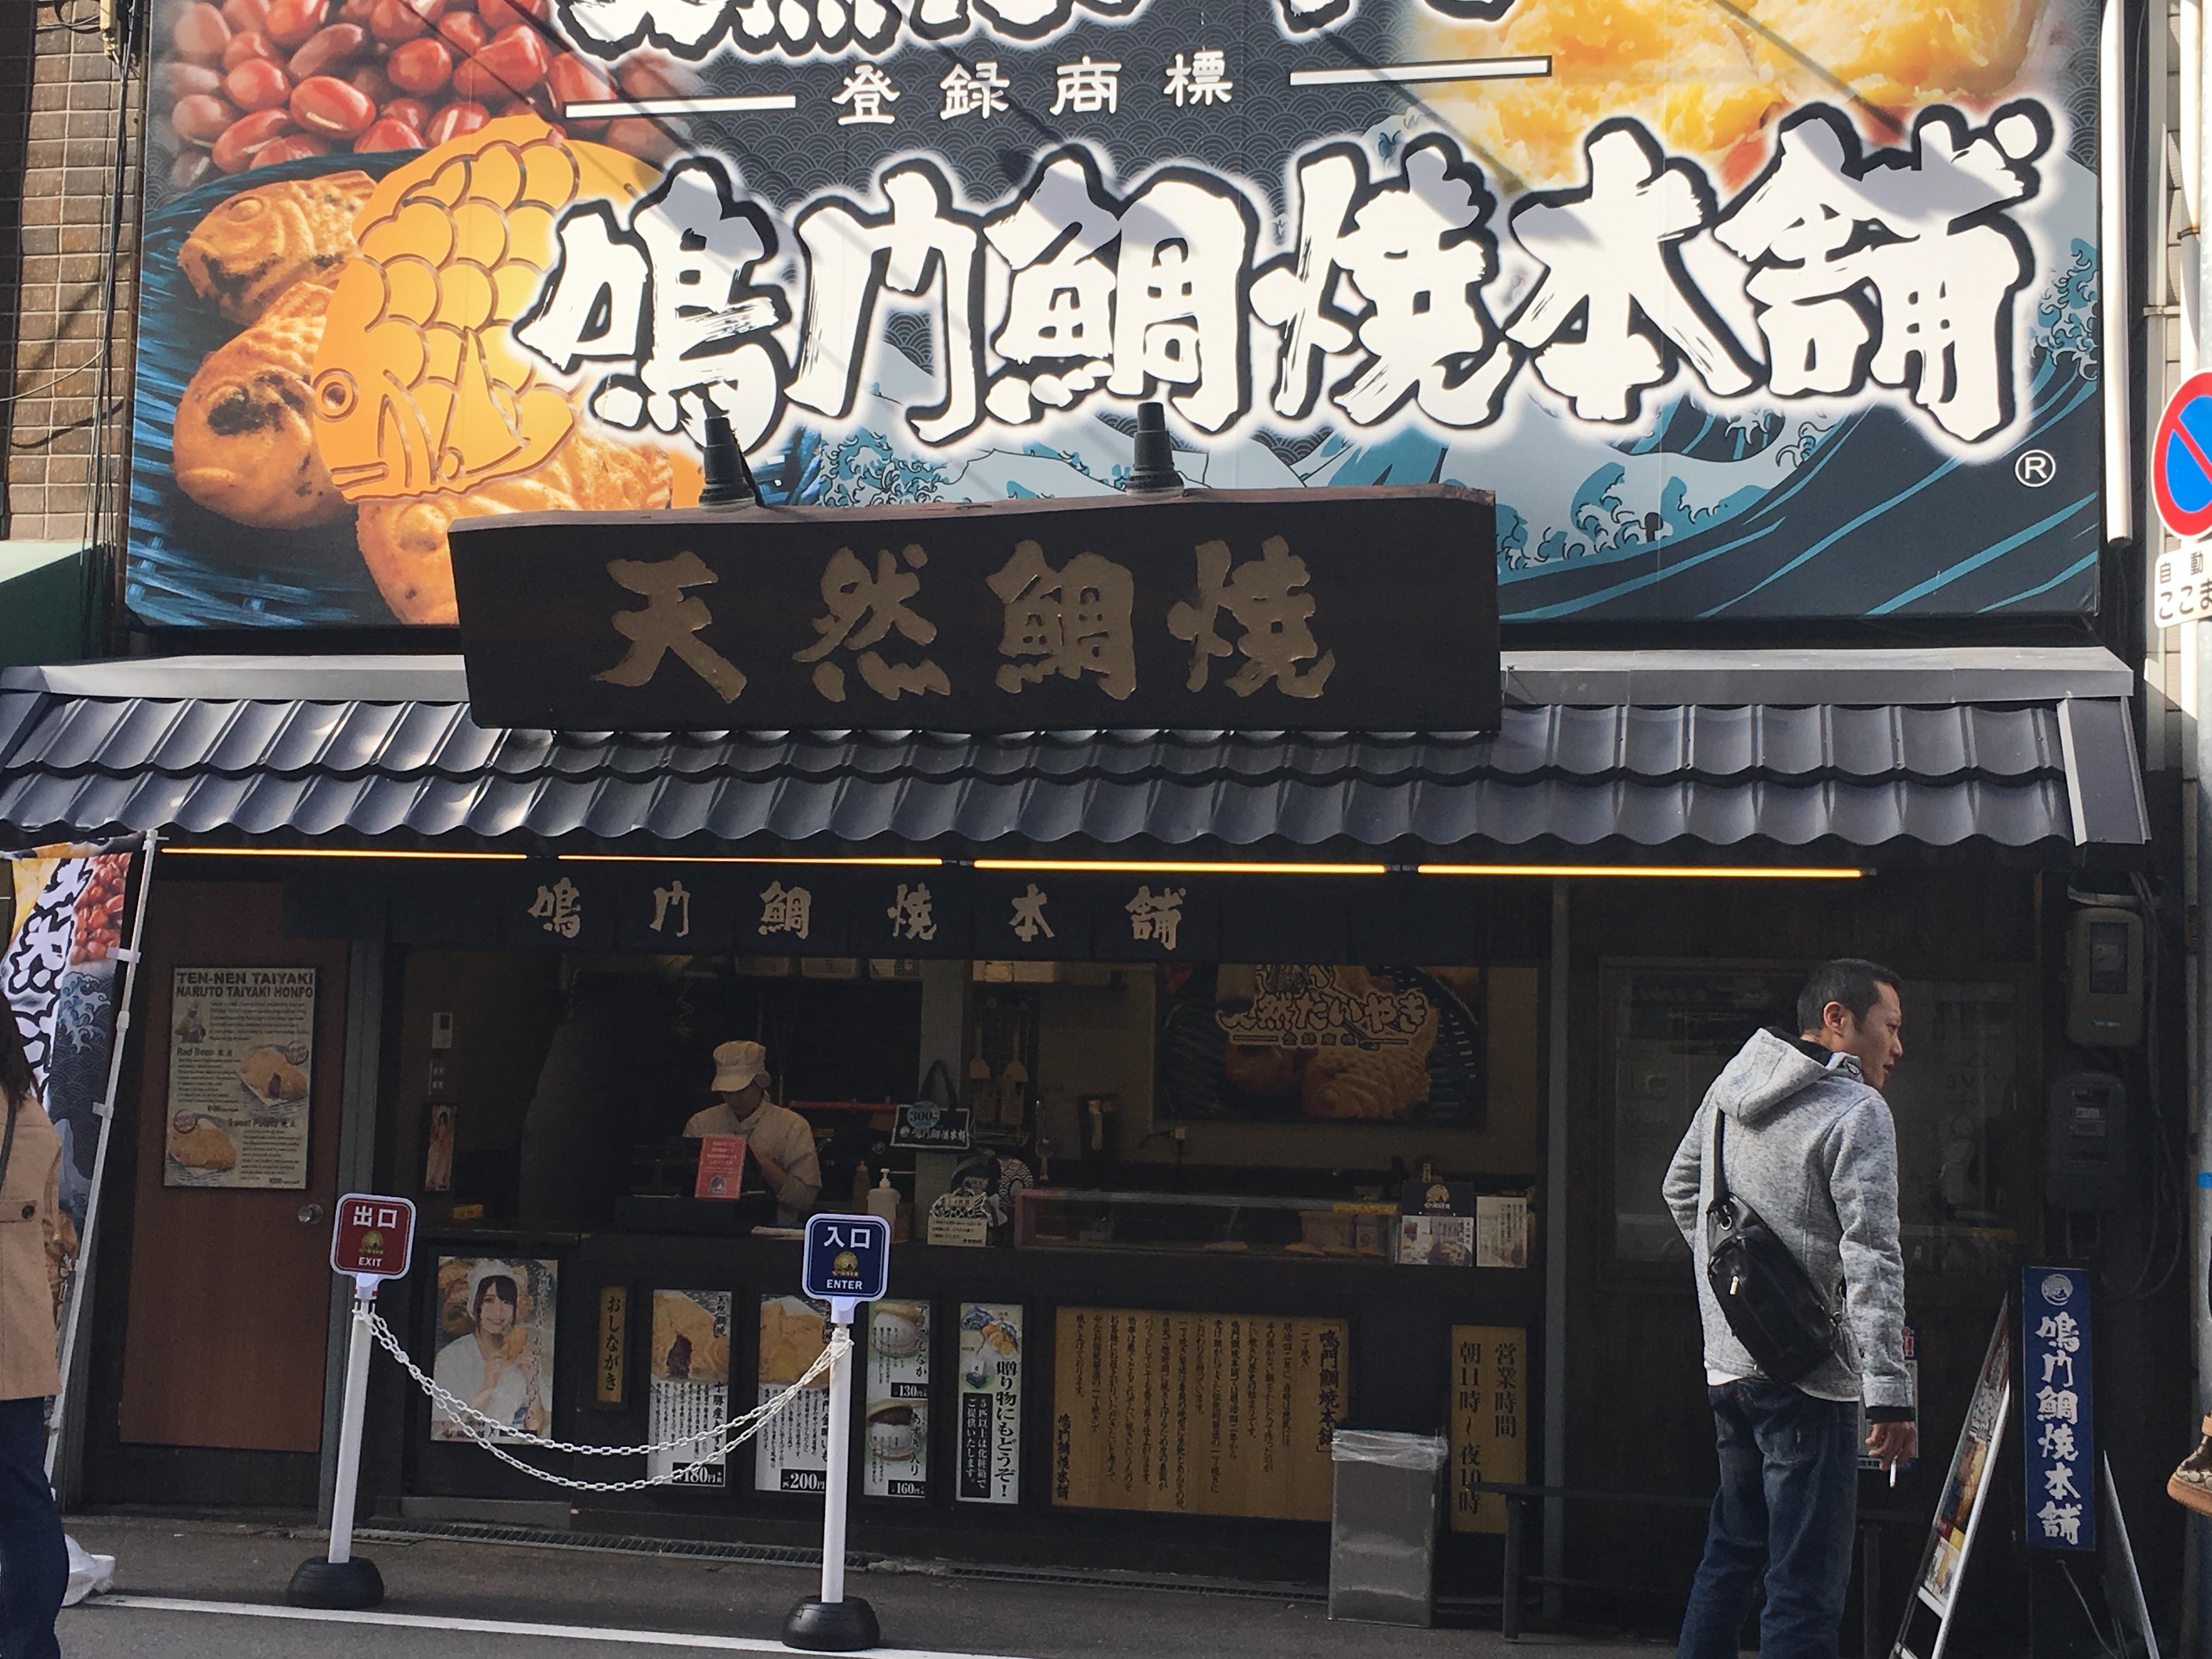 鳴門鯛焼本舗と奈良こたろうの鯛焼きを食べ比べ!一丁焼きは激ウマ。